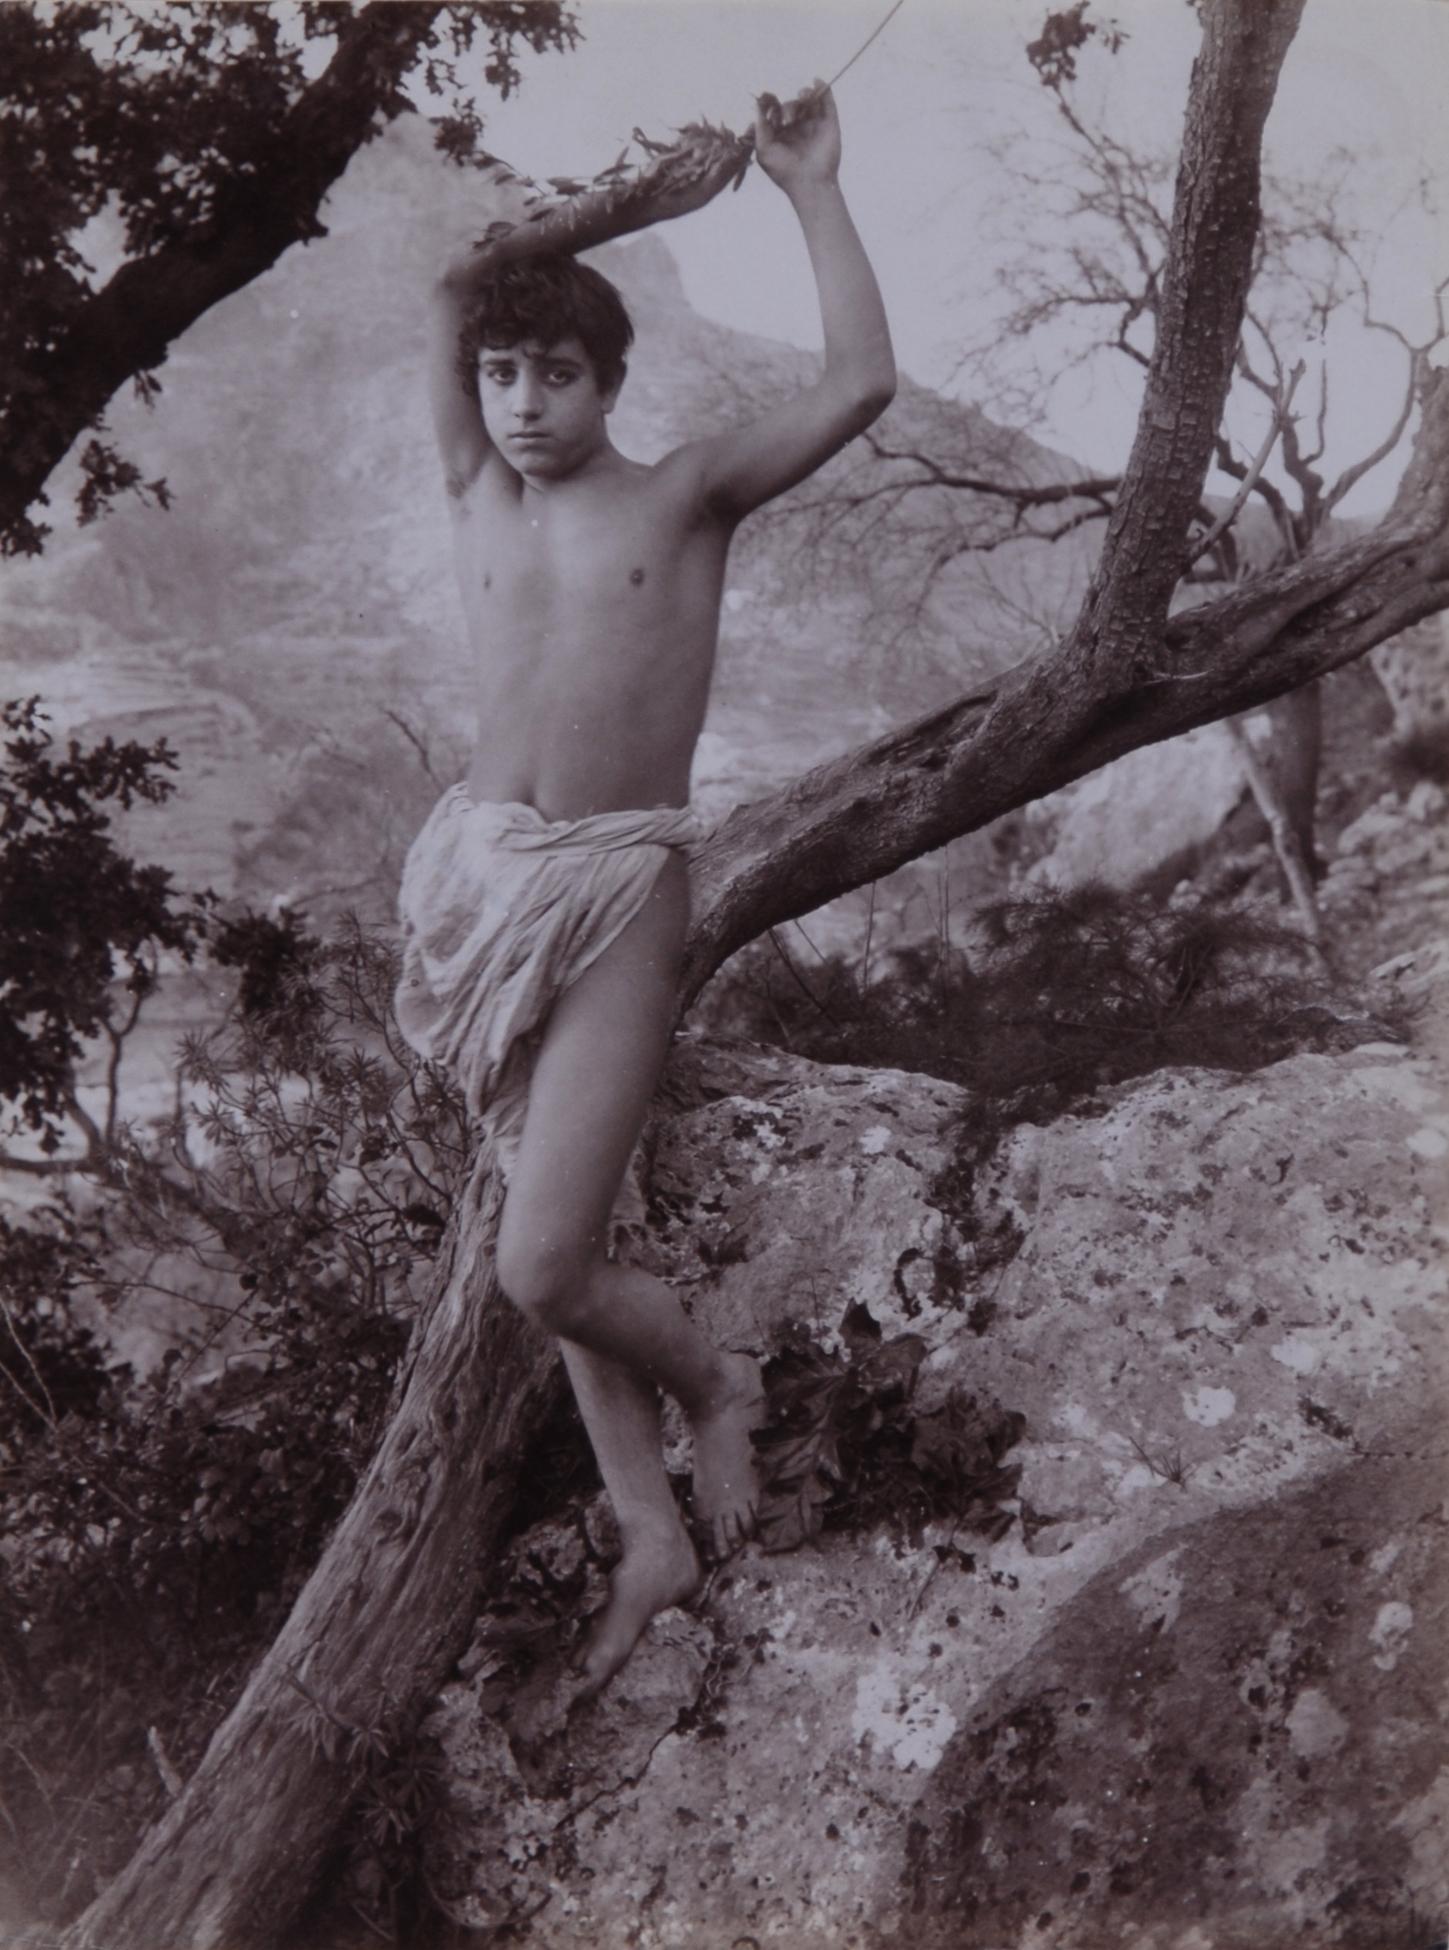 Gloeden Wilhelm von, 2 photographs: Sizilianischer Jüngling in der Natur; Porträt eines sizilianischen Jünglings